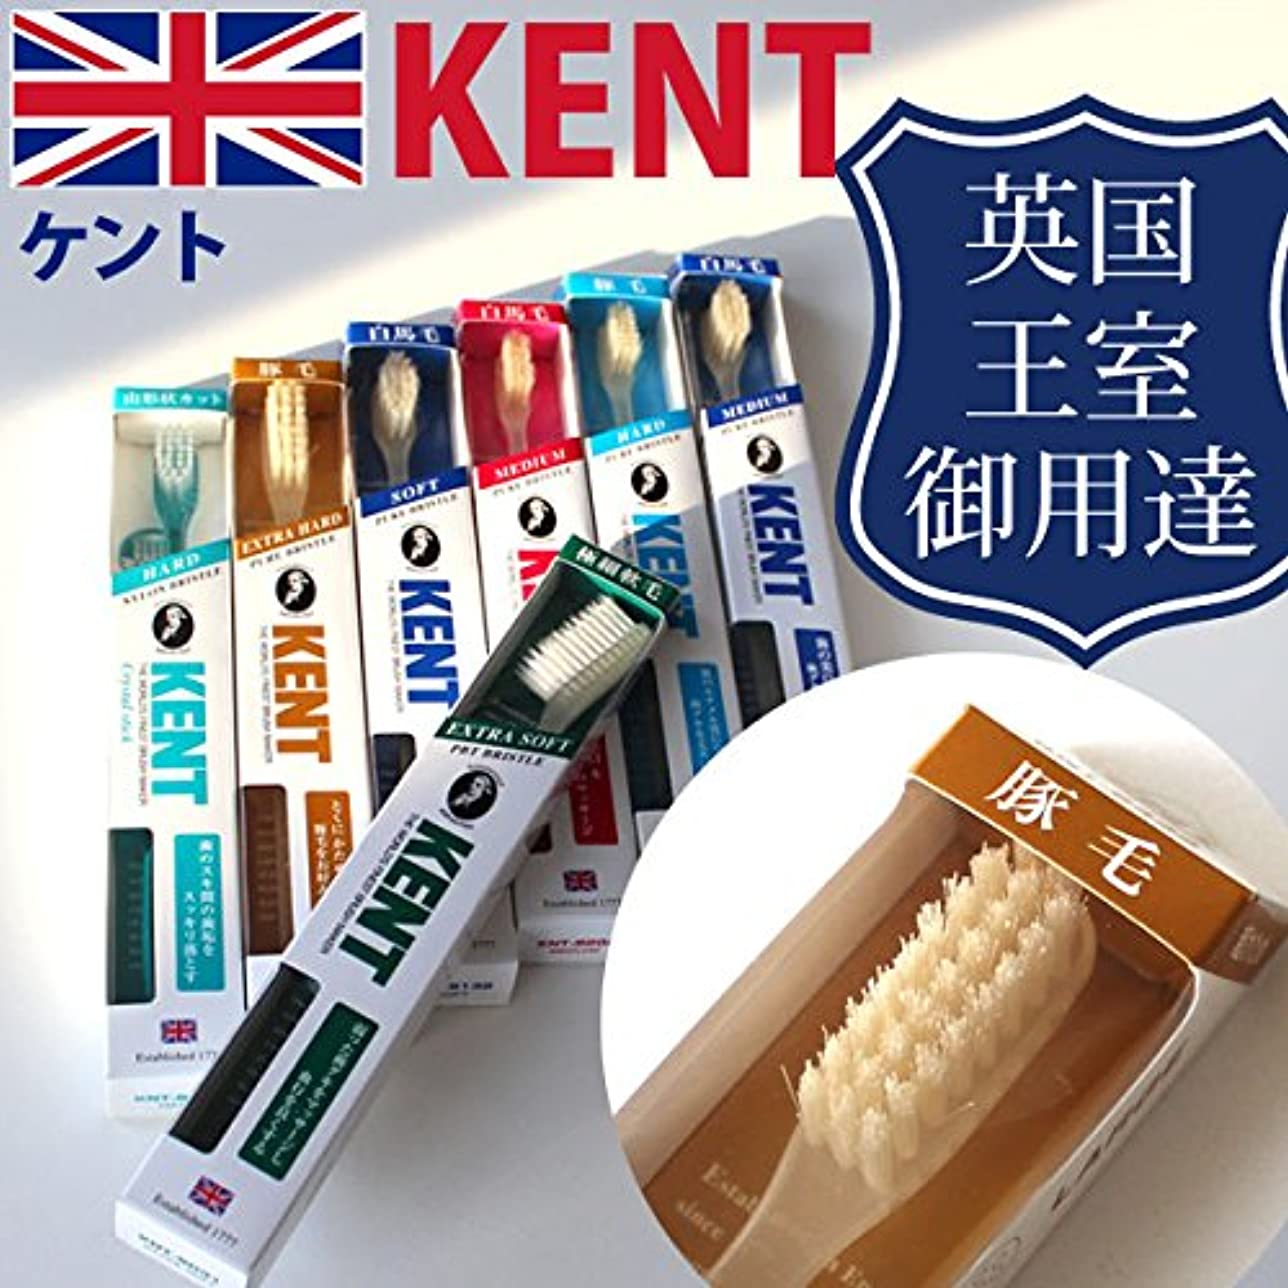 絶滅させる鍔カッターケント KENT 豚毛 コンパクト 歯ブラシKNT-9233/9833単品108 ふつう